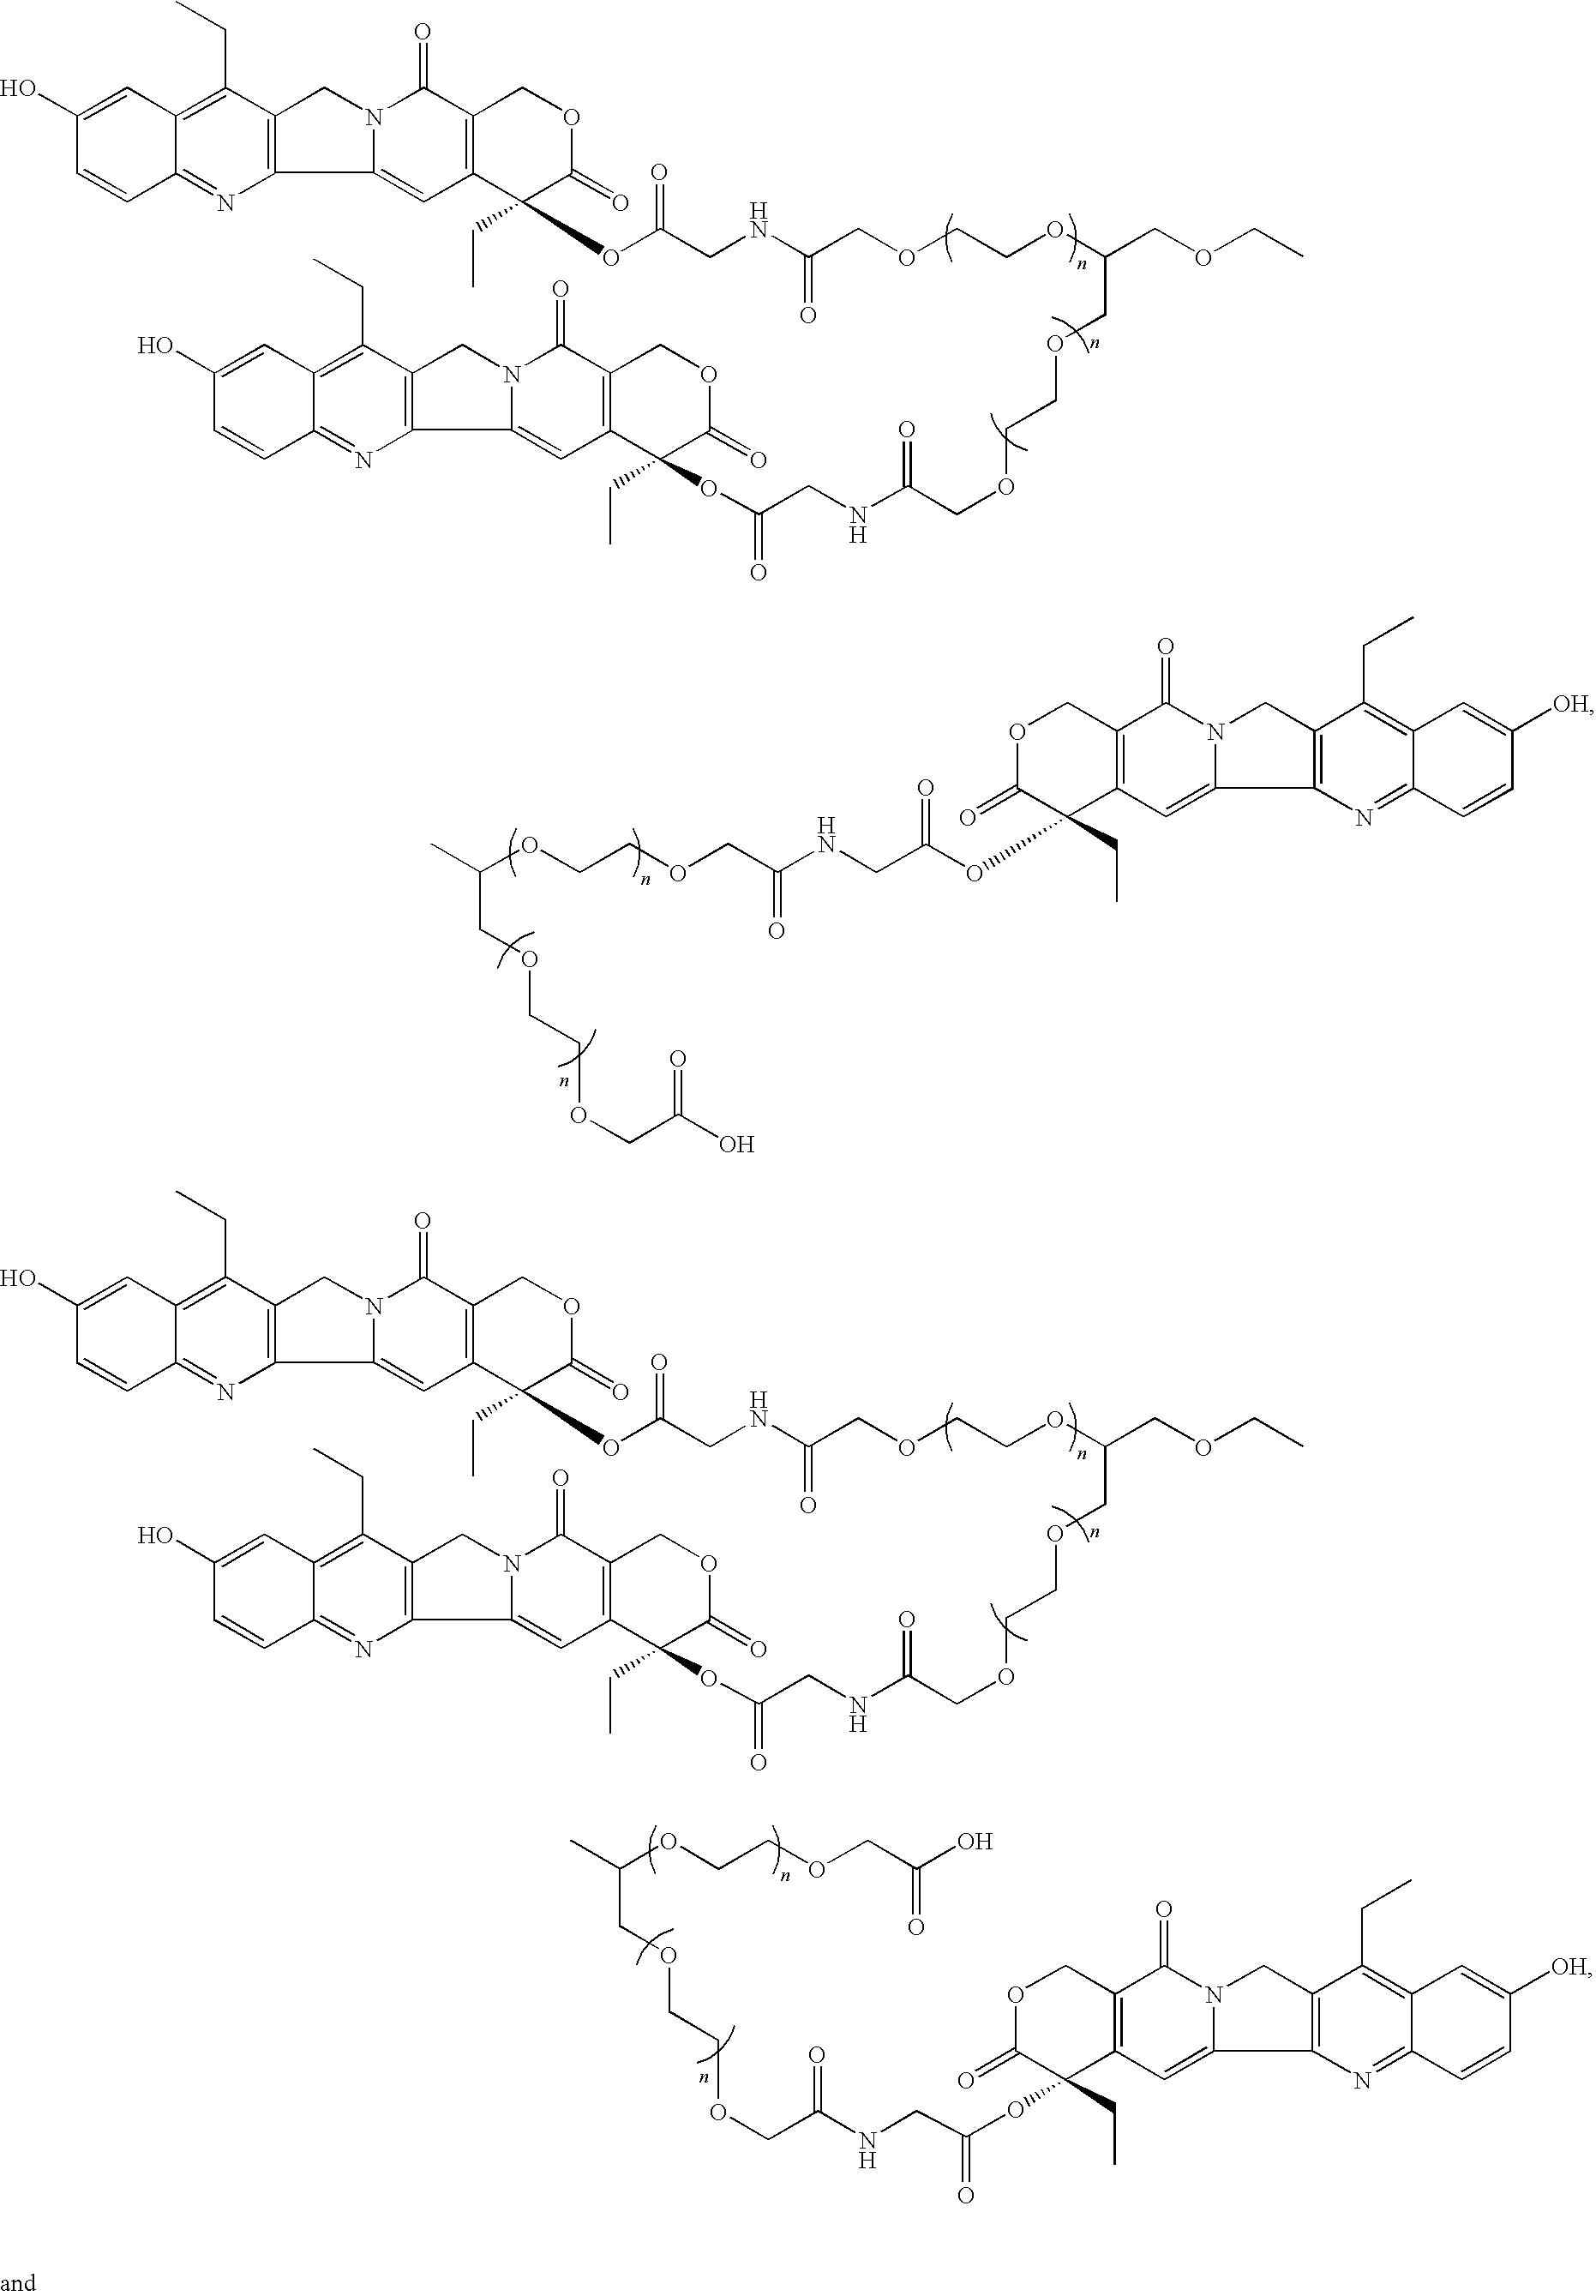 Figure US20100056555A1-20100304-C00039